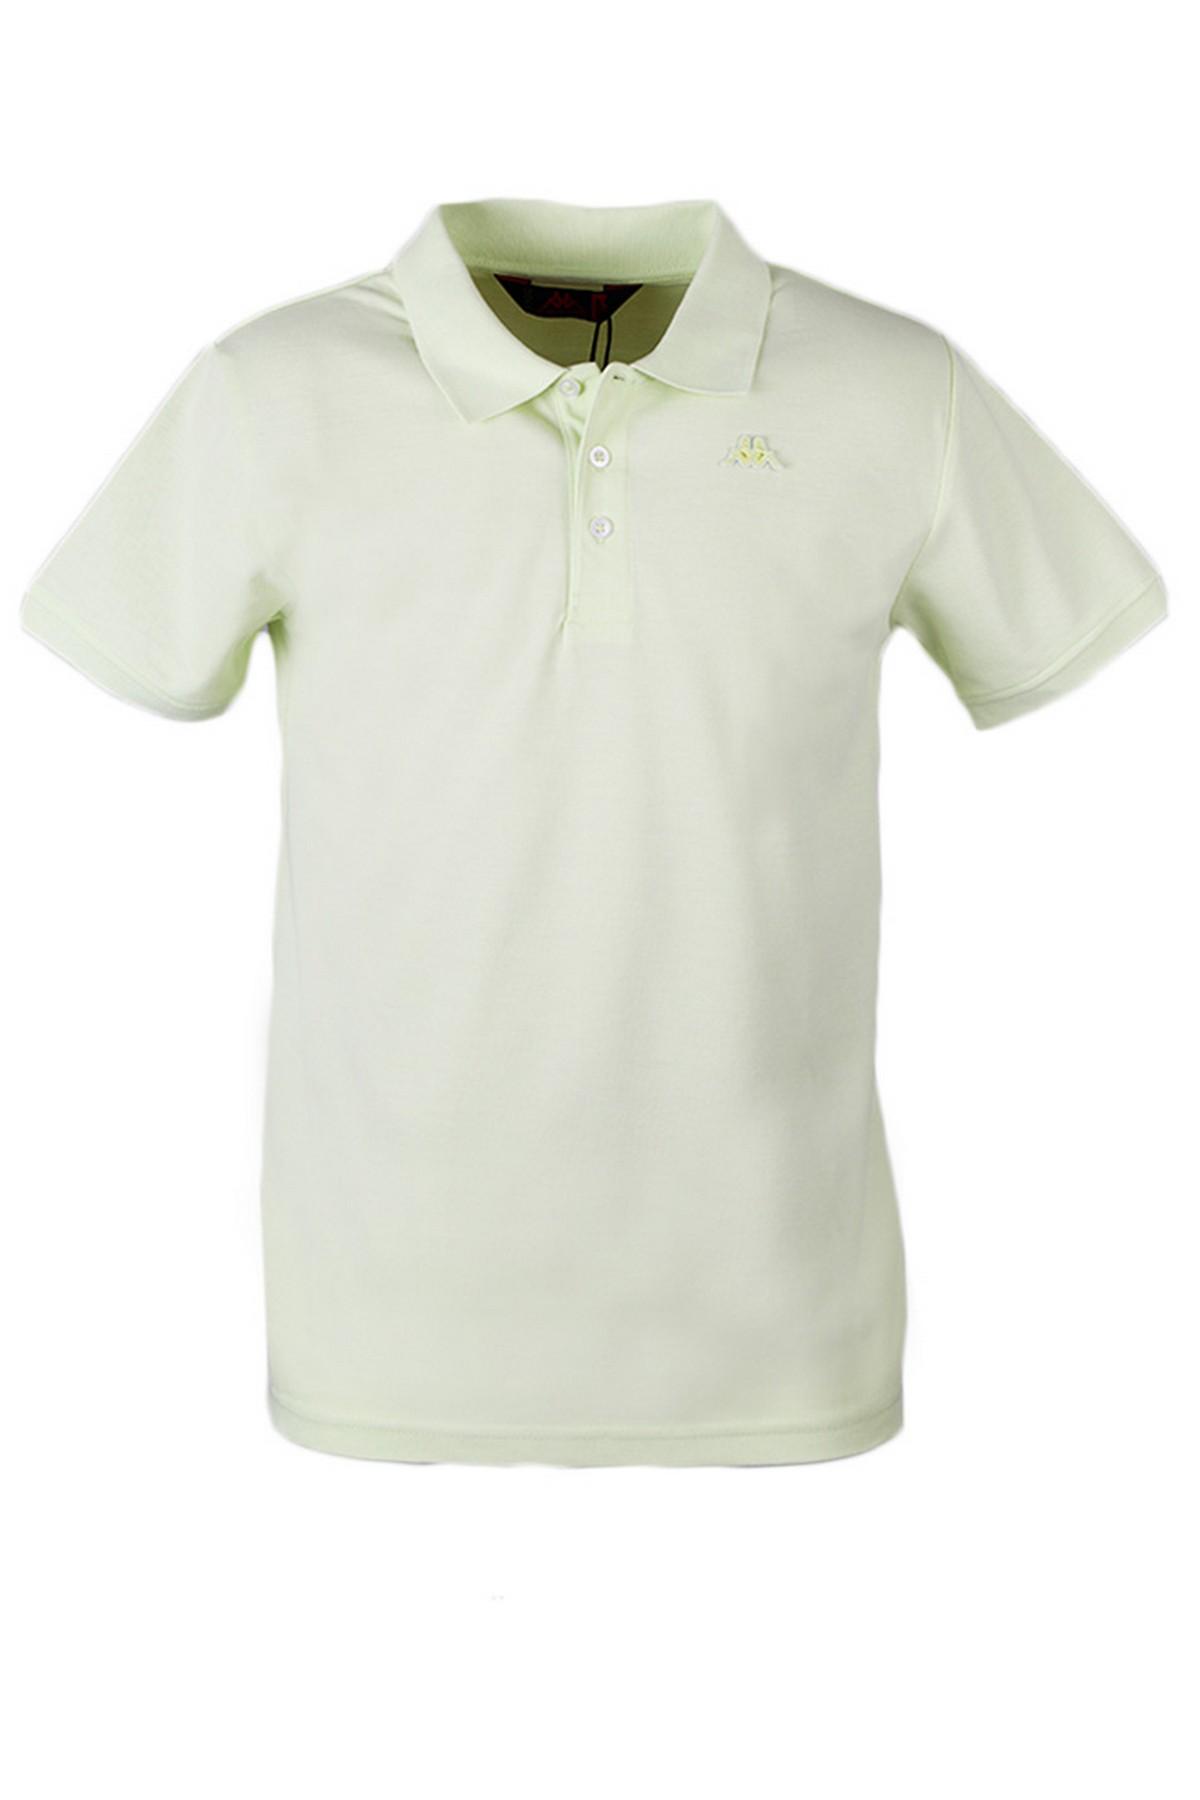 Kappa Rdk Slim Fit Polo Tişört Su Yeşili (60050L0-H02)